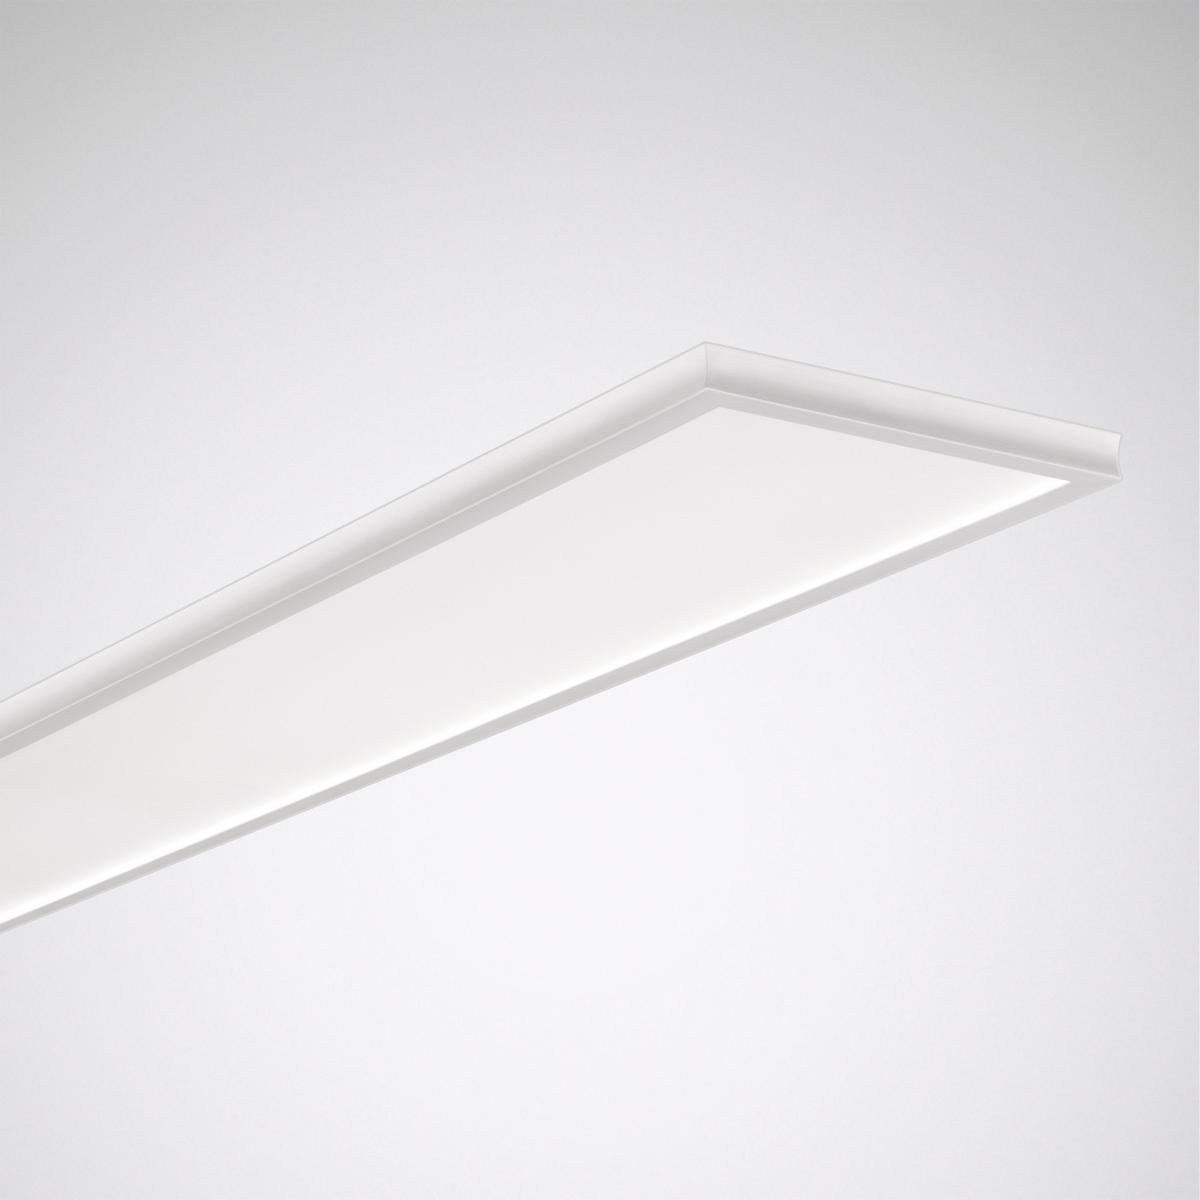 trilux led anbauleuchte 40w 1 led 4000k wei 4000lm kunststoff opal matt konverter dali ip20. Black Bedroom Furniture Sets. Home Design Ideas